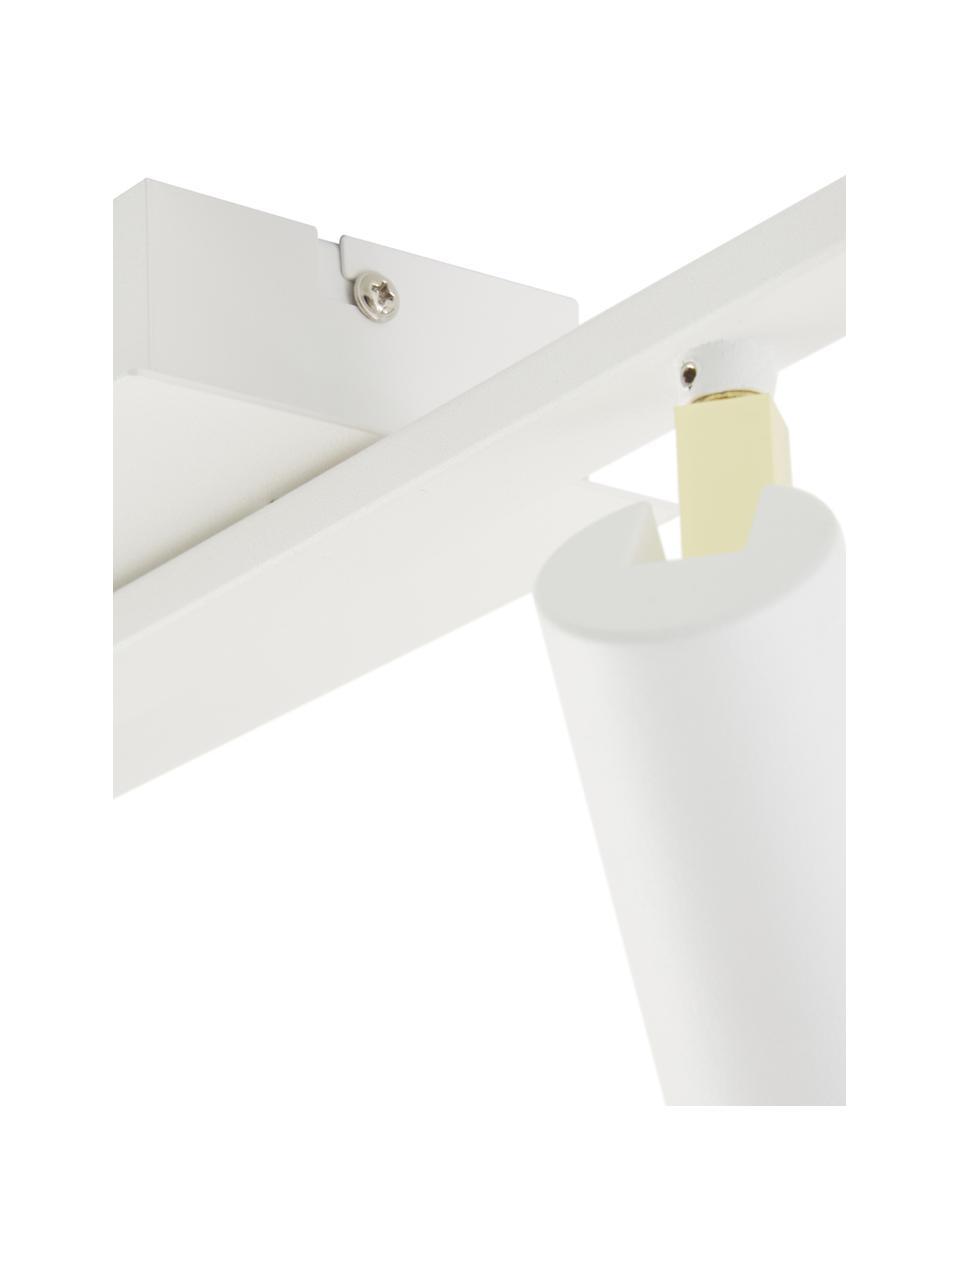 Faretti a LED da soffitto color bianco-oro Bobby, Paralume: metallo verniciato a polv, Baldacchino: metallo verniciato a polv, Struttura: metallo verniciato a polv, Bianco, Larg. 47 x Alt. 13 cm